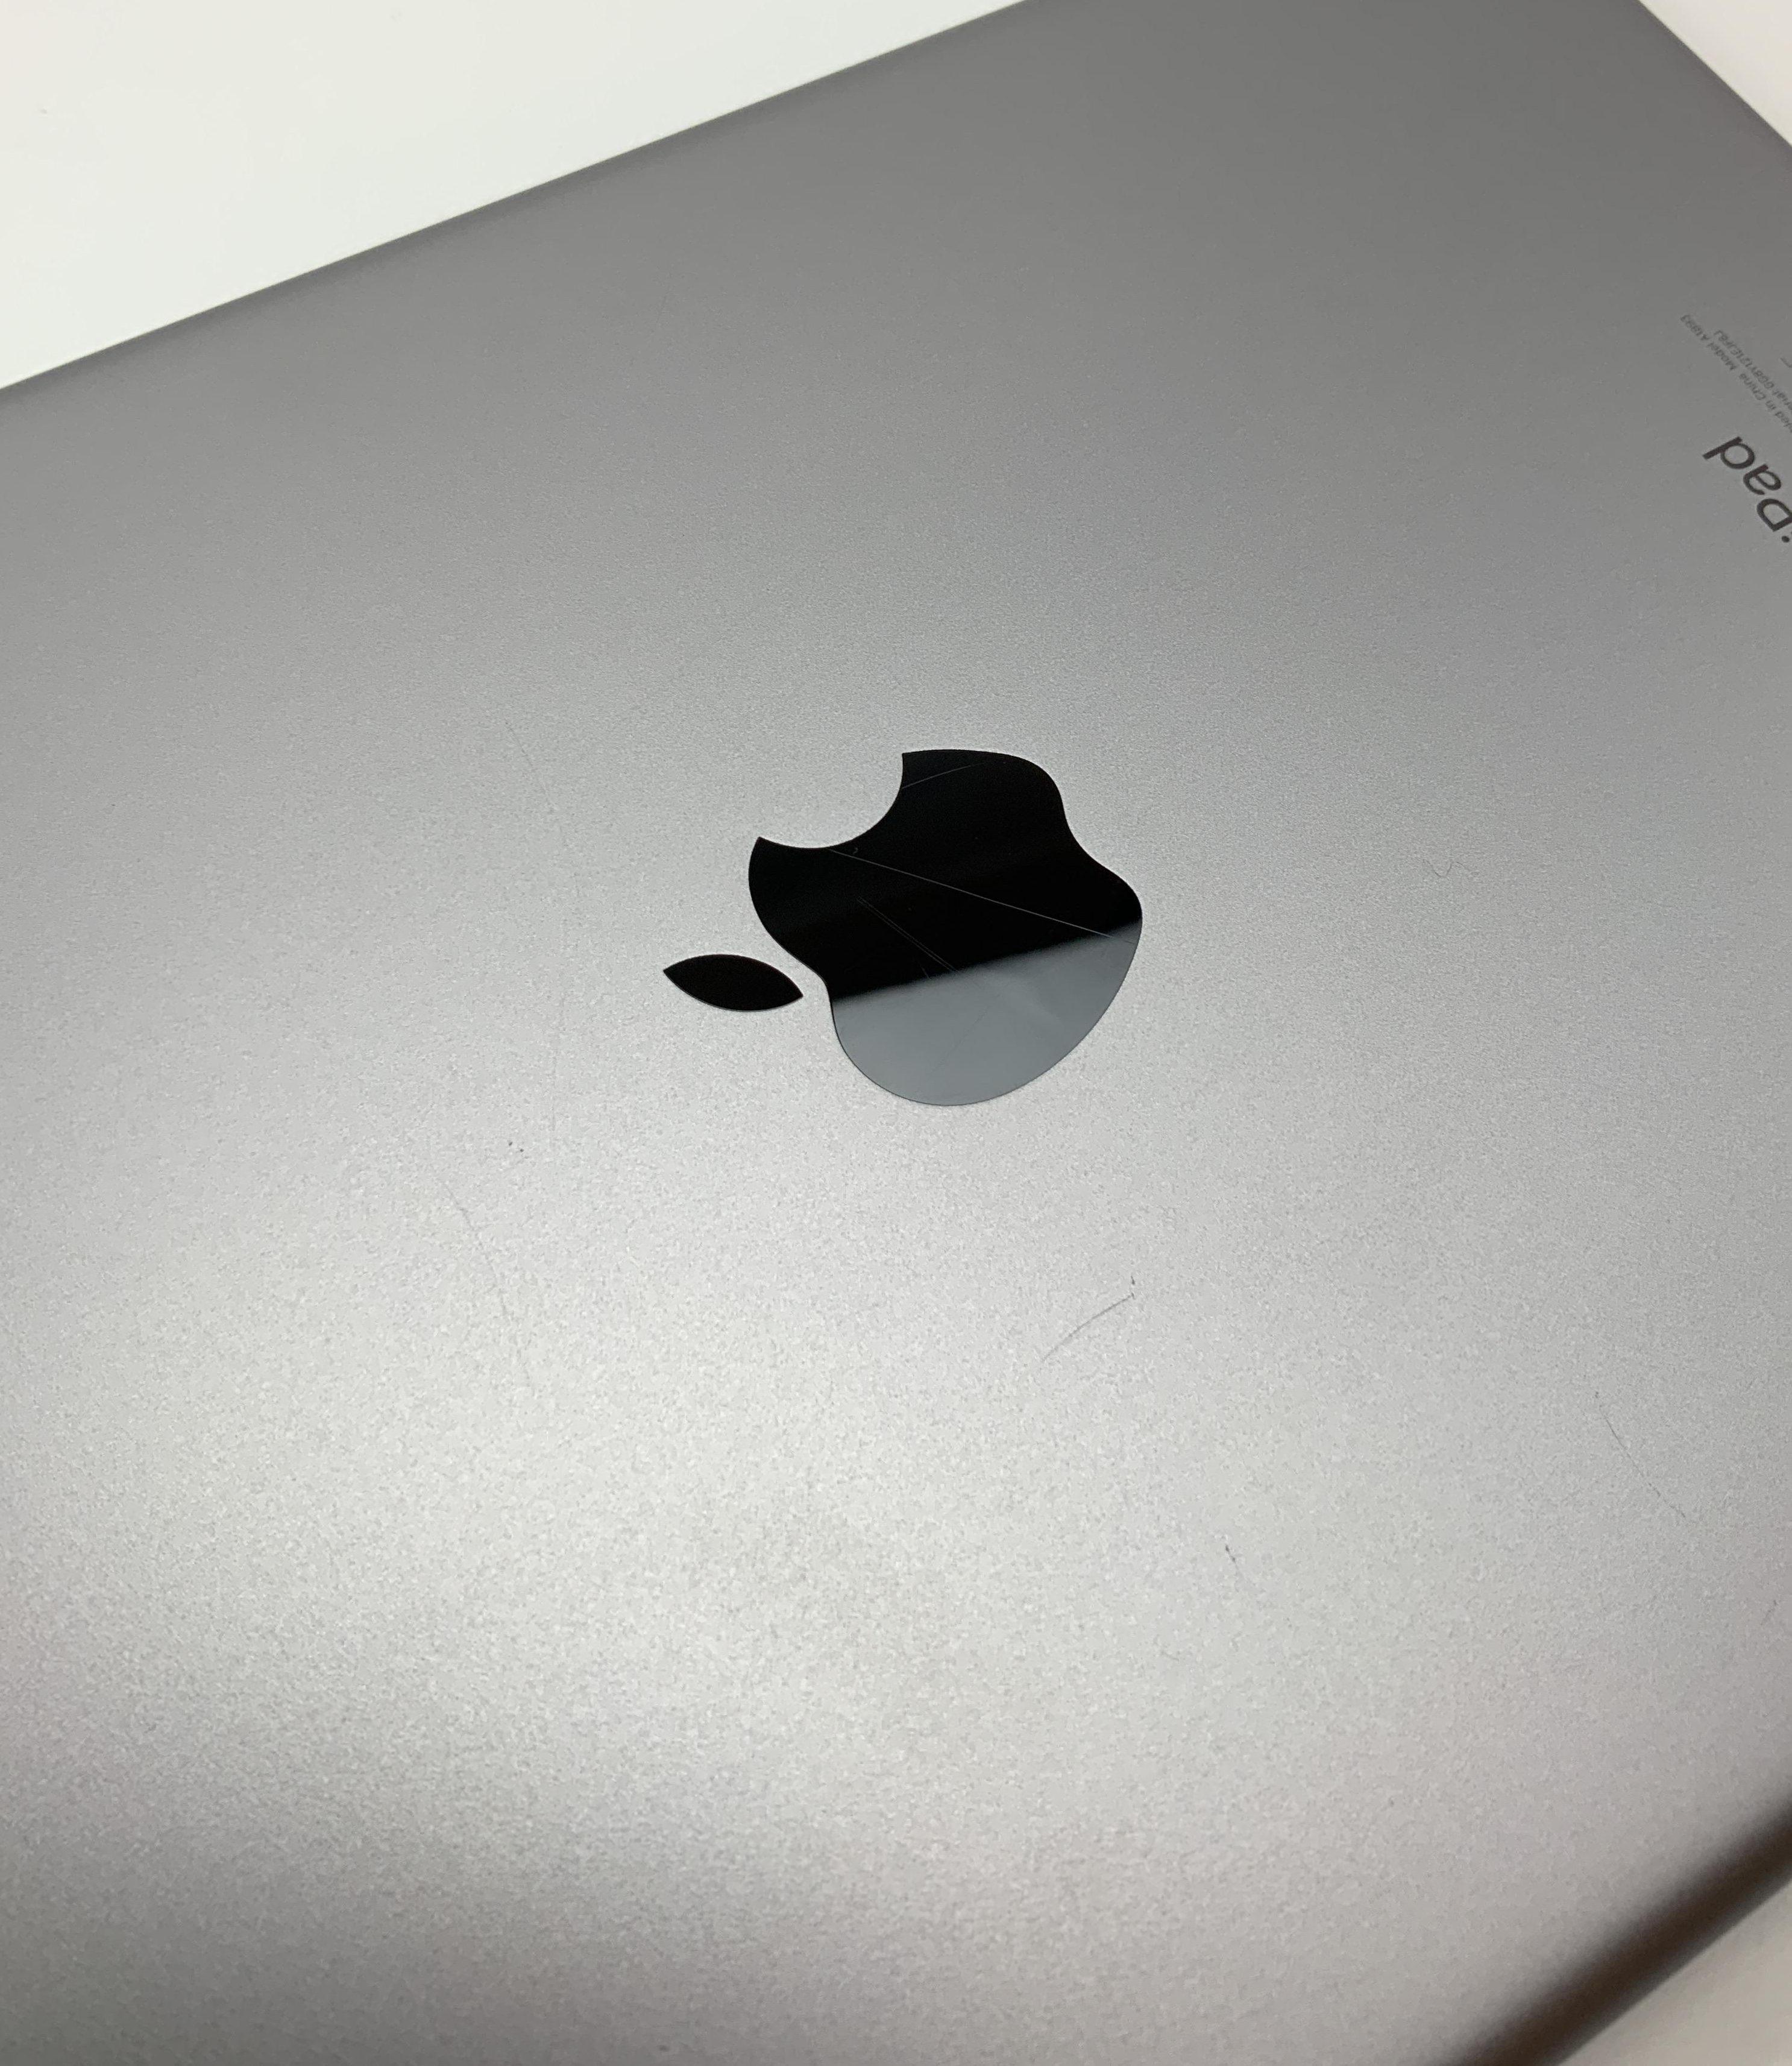 iPad 6 Wi-Fi 32GB, 32GB, Space Gray, imagen 4